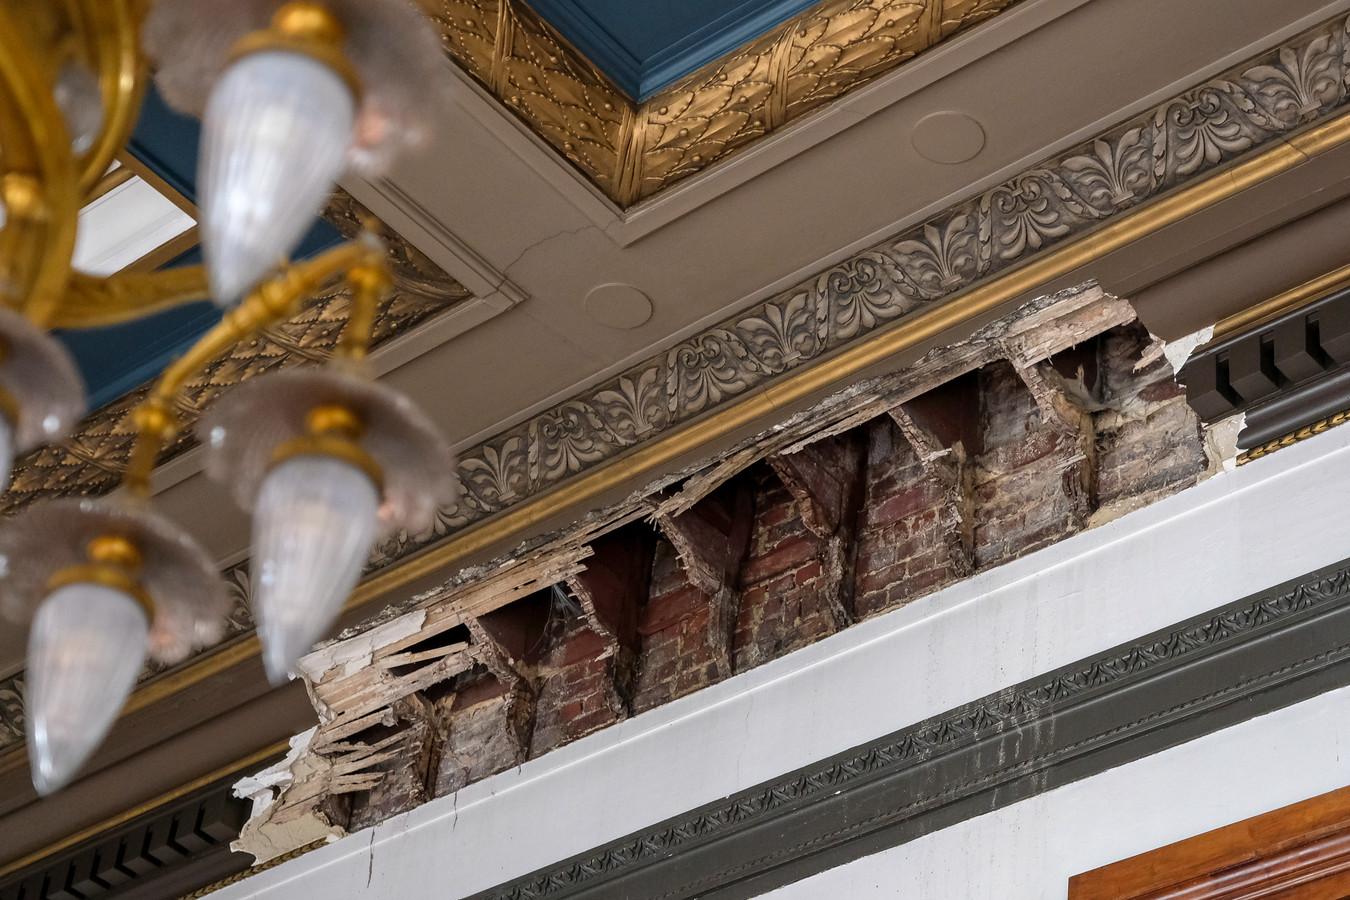 Drie jaar geleden kwam een deel van het plafond van de griffie van het hof van cassatie naar beneden